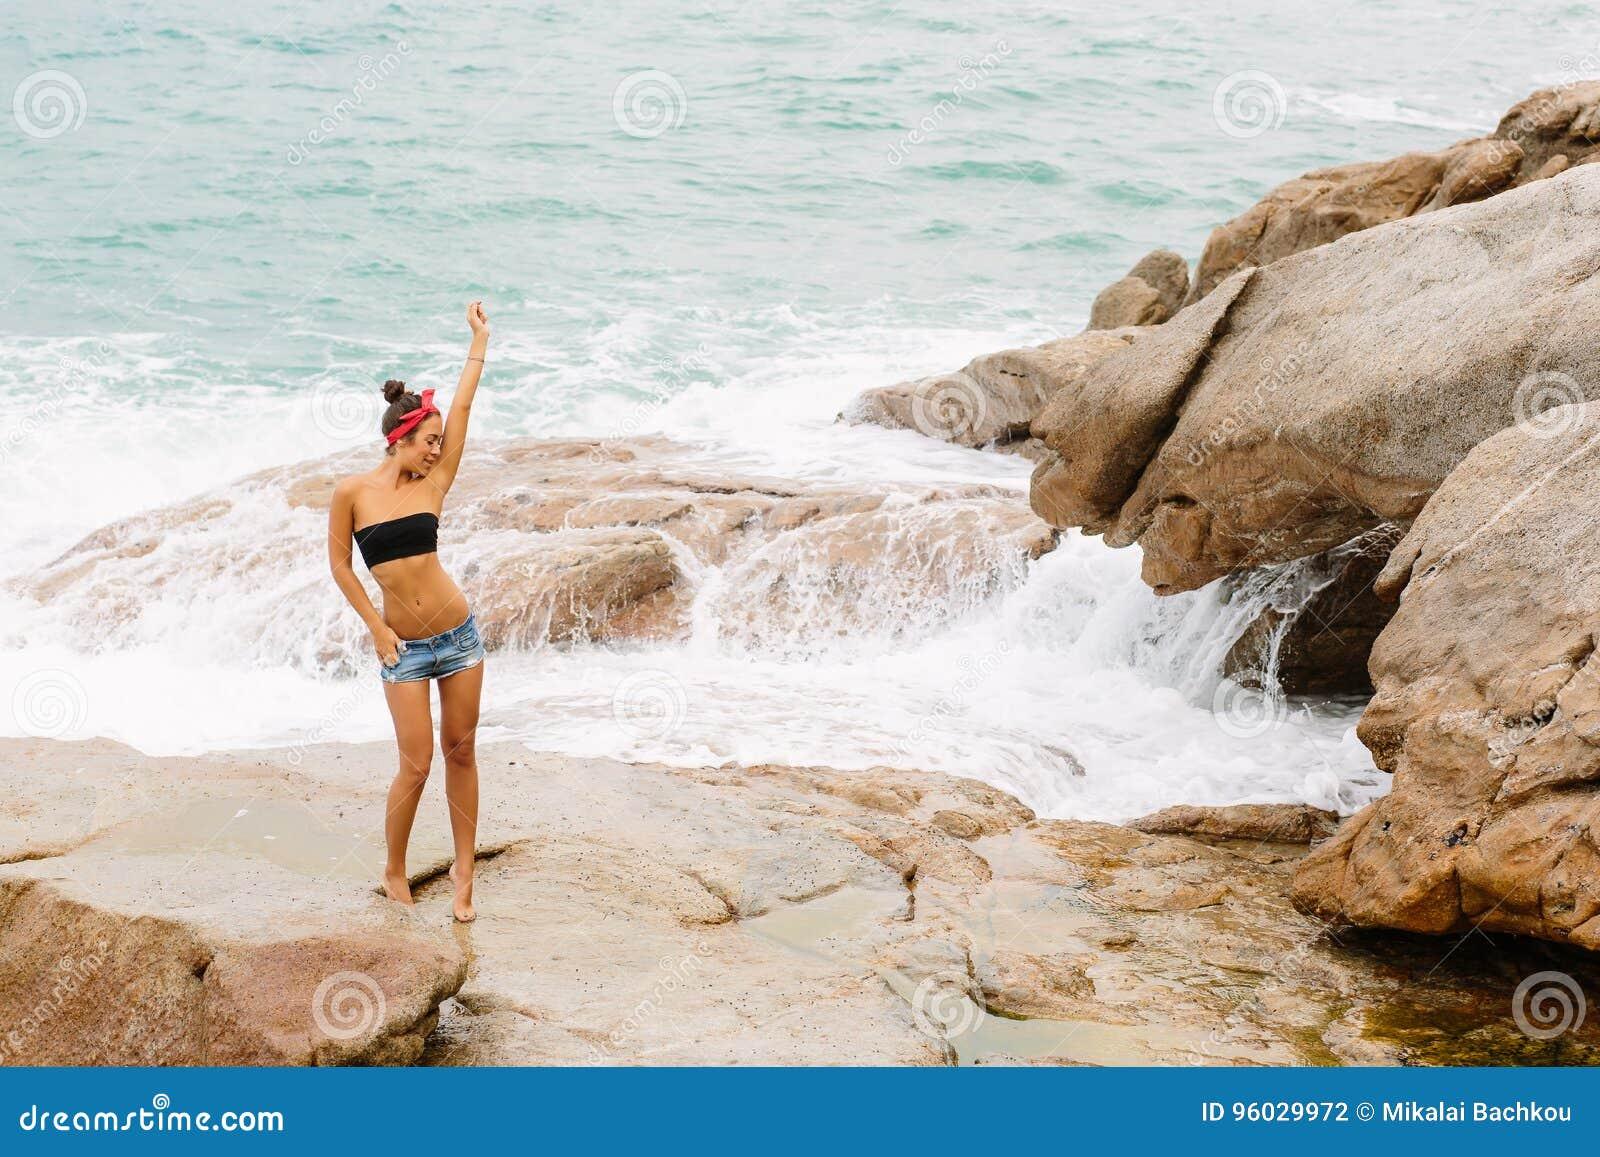 Piękna dziewczyna w krótkich skrótach chodzi na dużych kamieniach